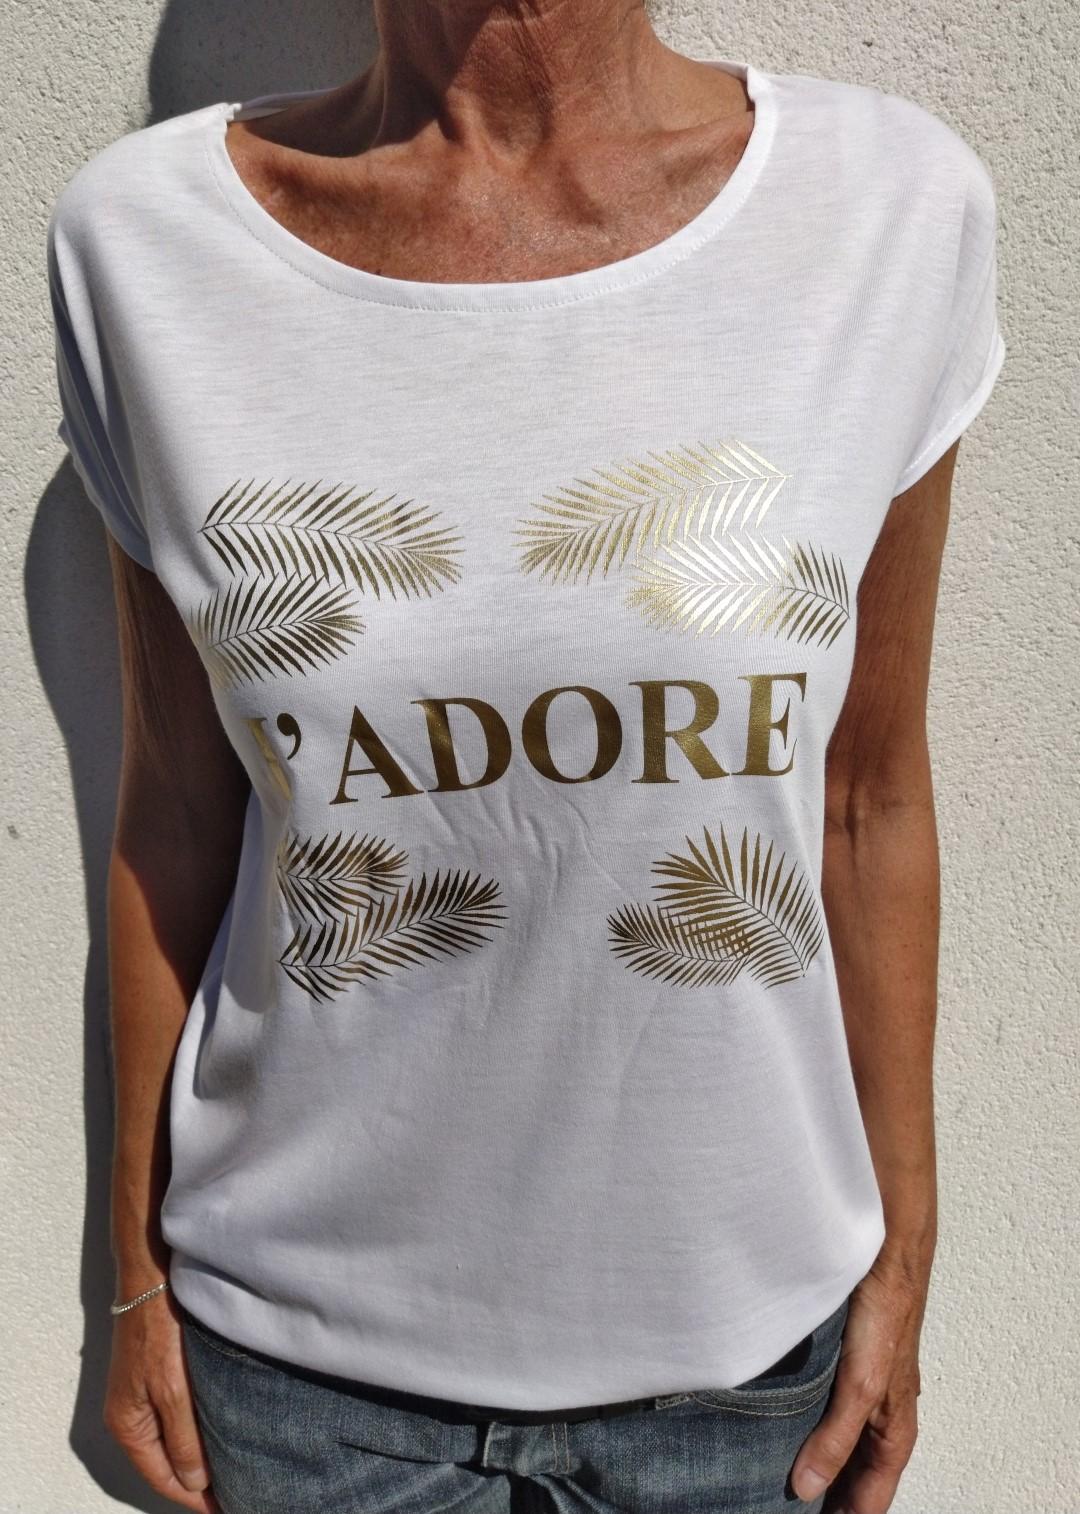 Tee shirt blanc N°55 J'ADORE or